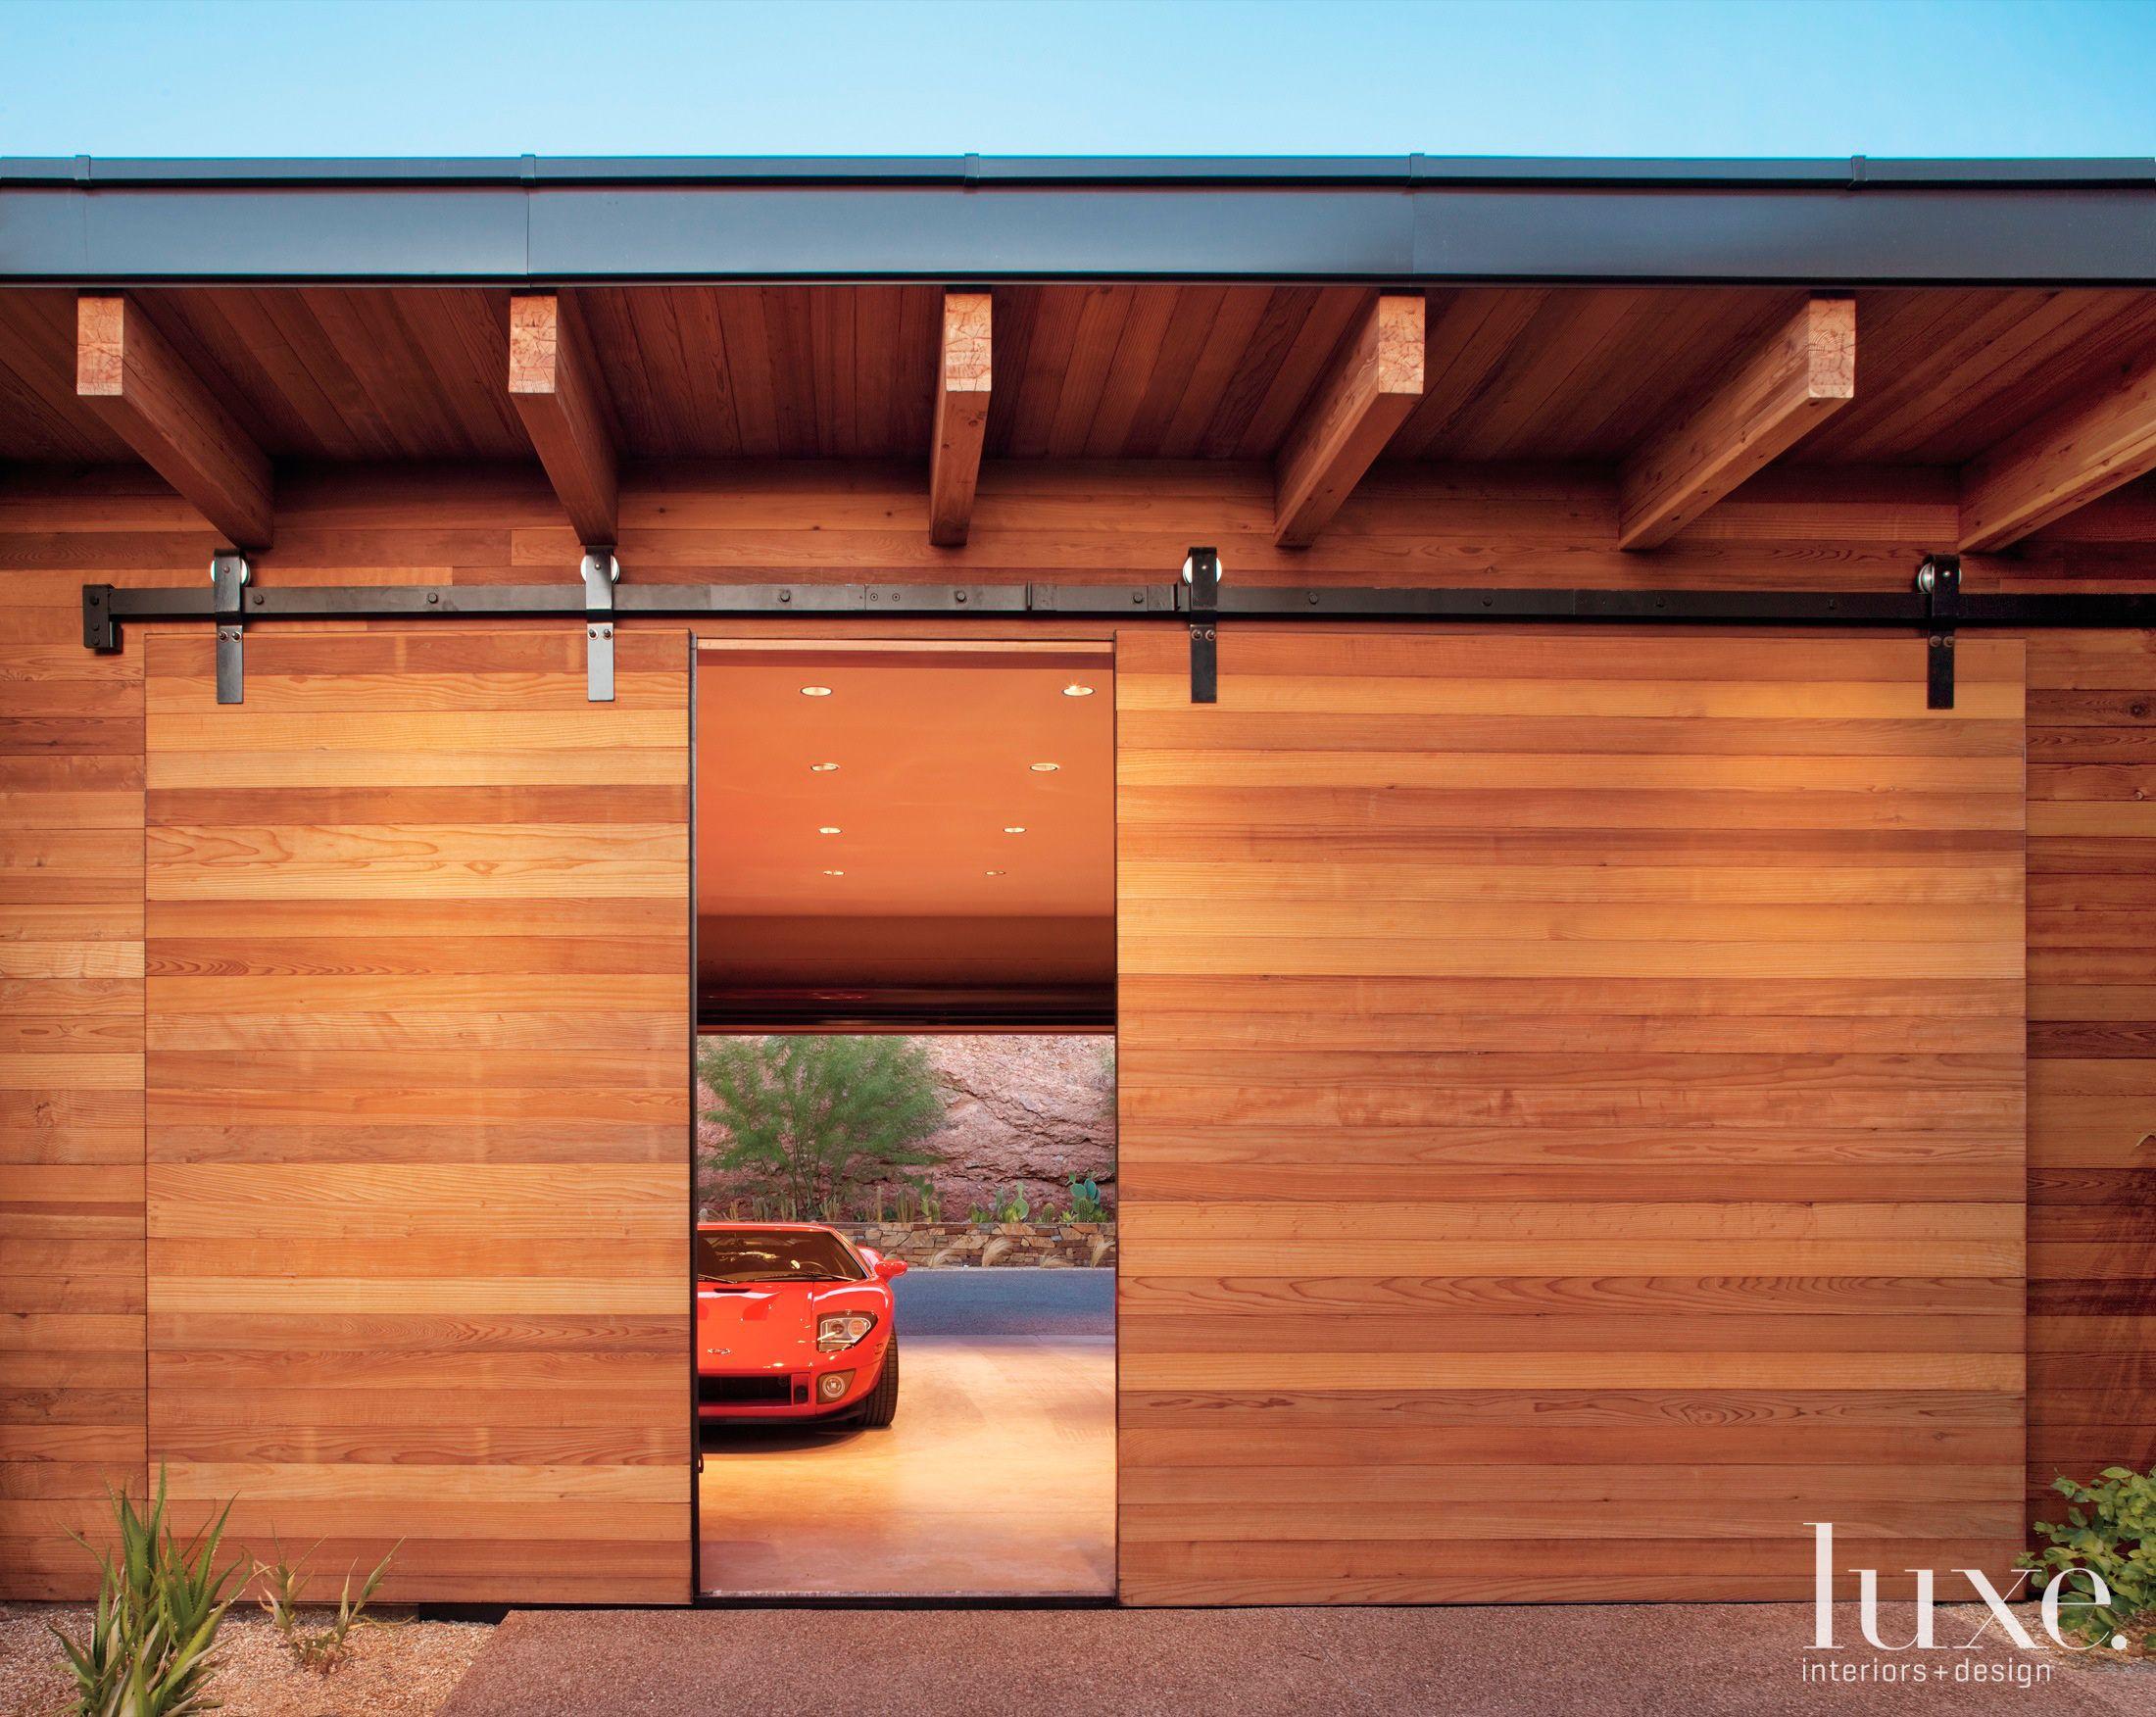 This Is Great Sliding Barn Style Cedar Door For An Arizona Garage Doors Luxesource Com Contemporary Barn Sliding Garage Doors Garage Door Design